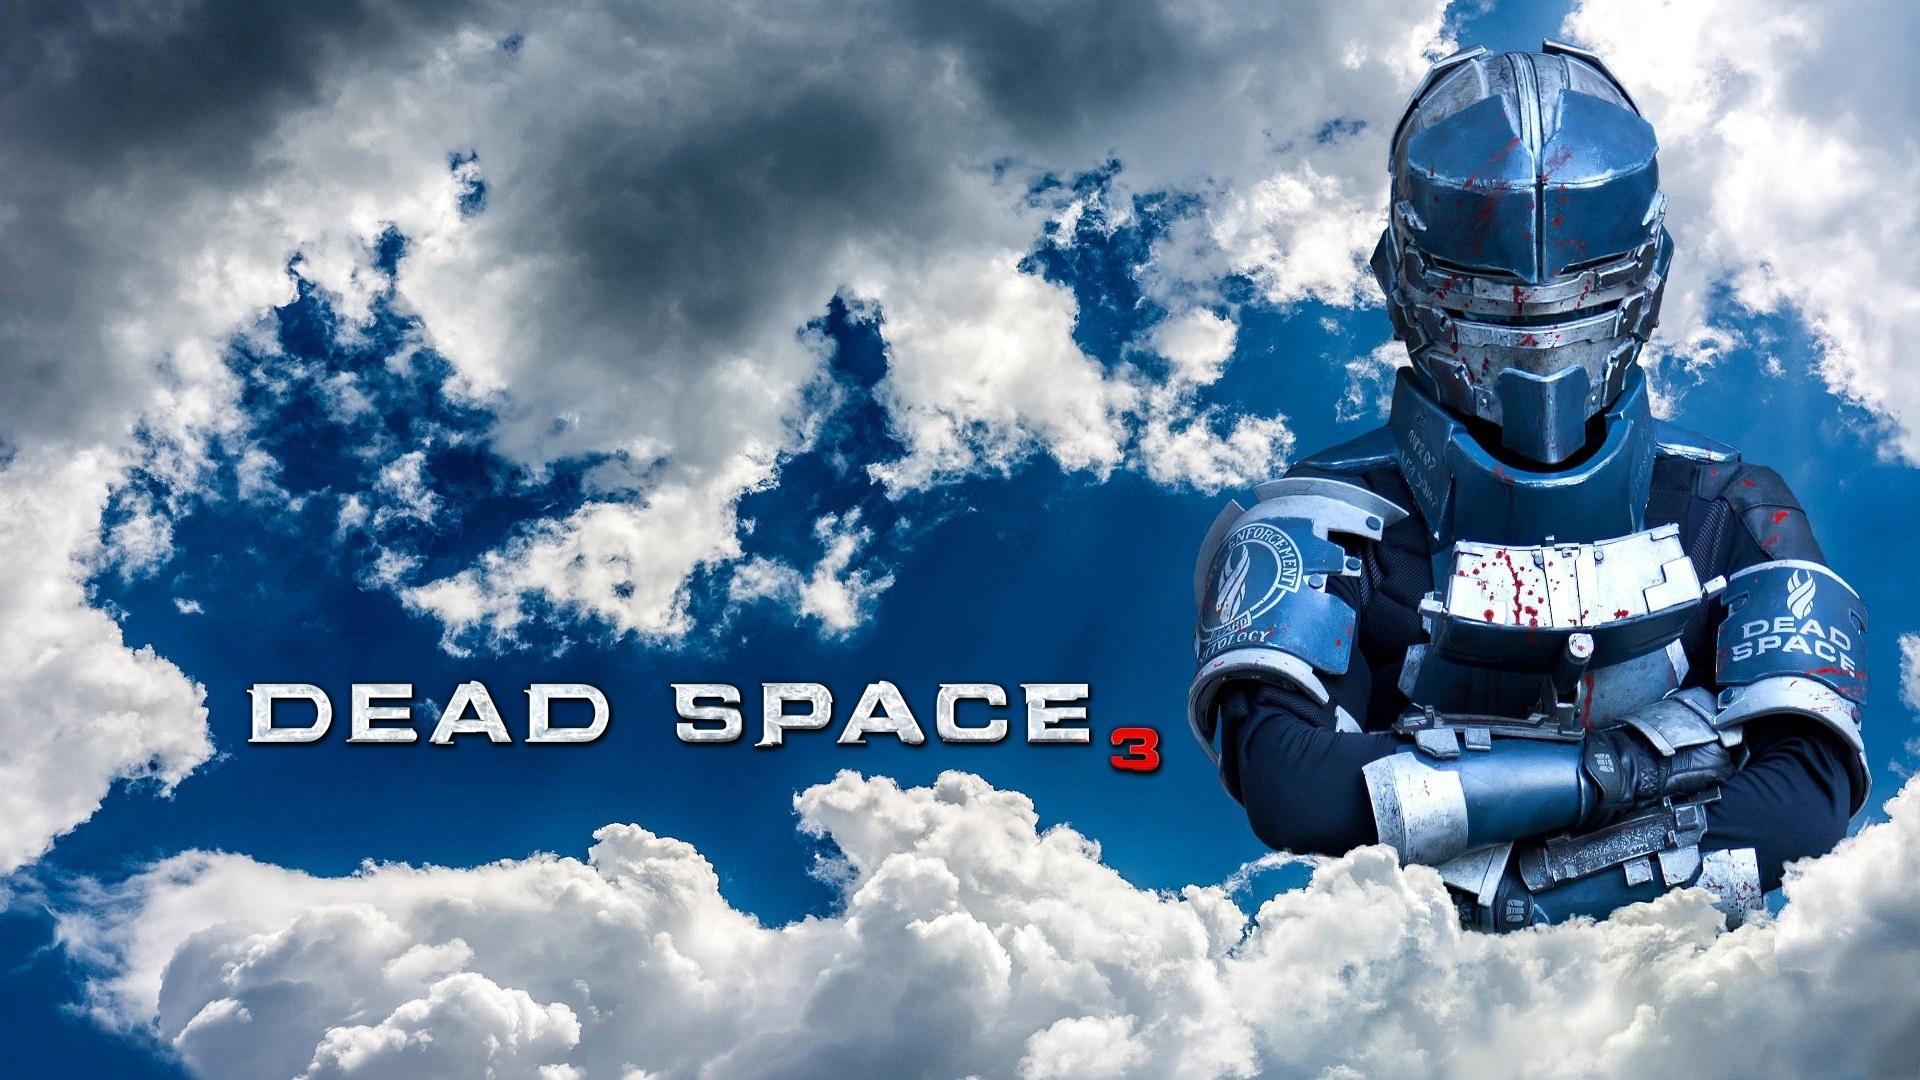 Wallpaper Dead Space 3 Sky Clouds 1920x1080 Full Hd 2k